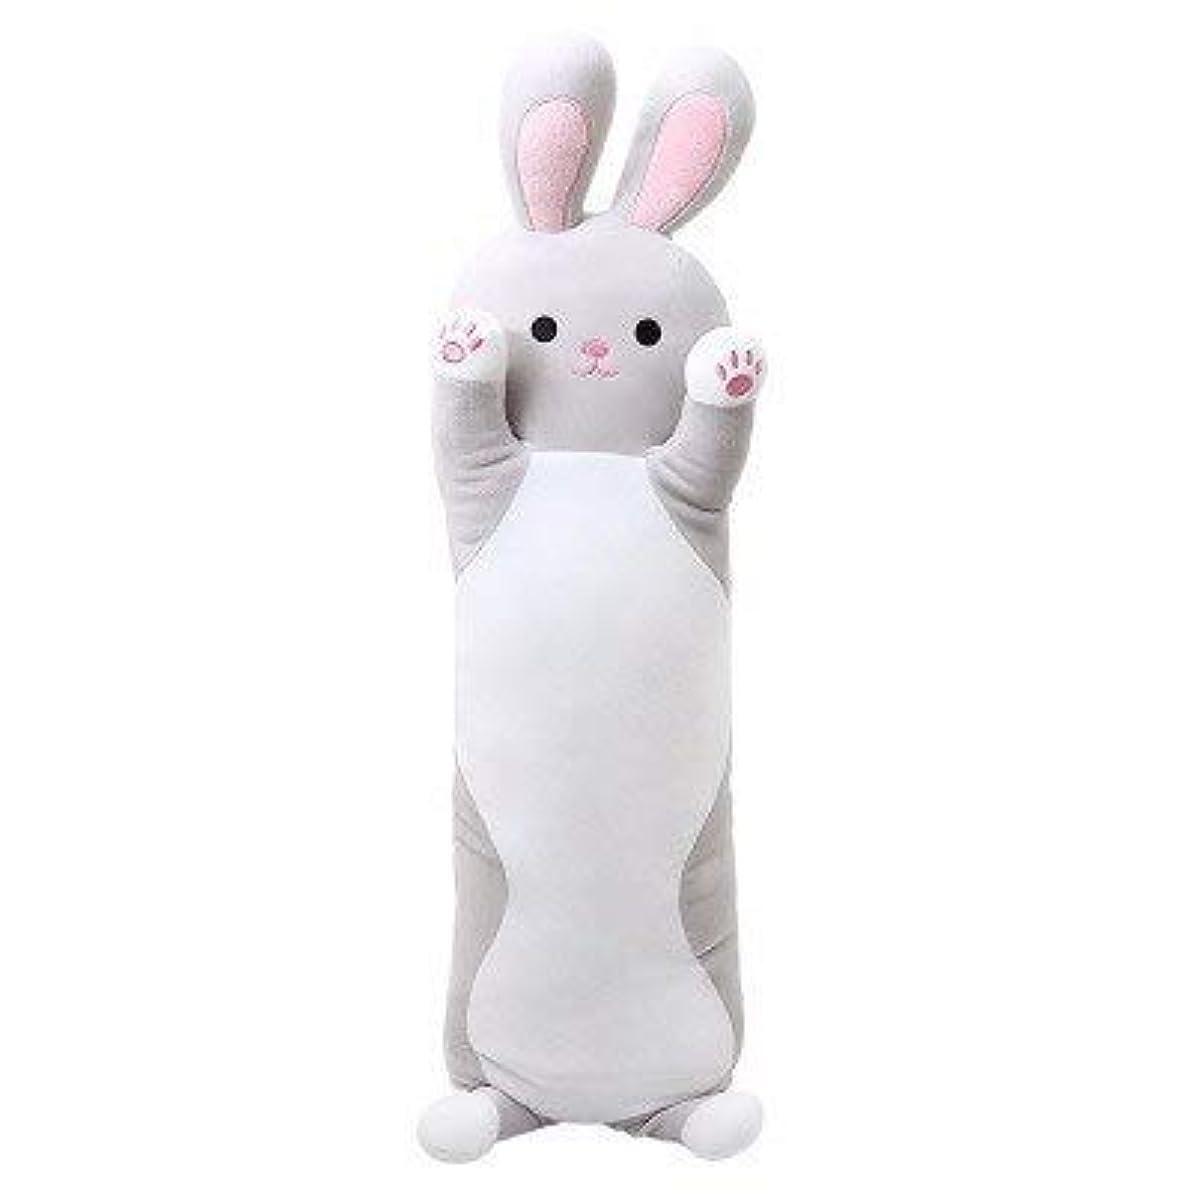 オーナメント別のラウンジLIFE センチメートルウサギのぬいぐるみロング睡眠枕を送信するために女の子 Almofada クッション床 Coussin Cojines 装飾 Overwatch クッション 椅子